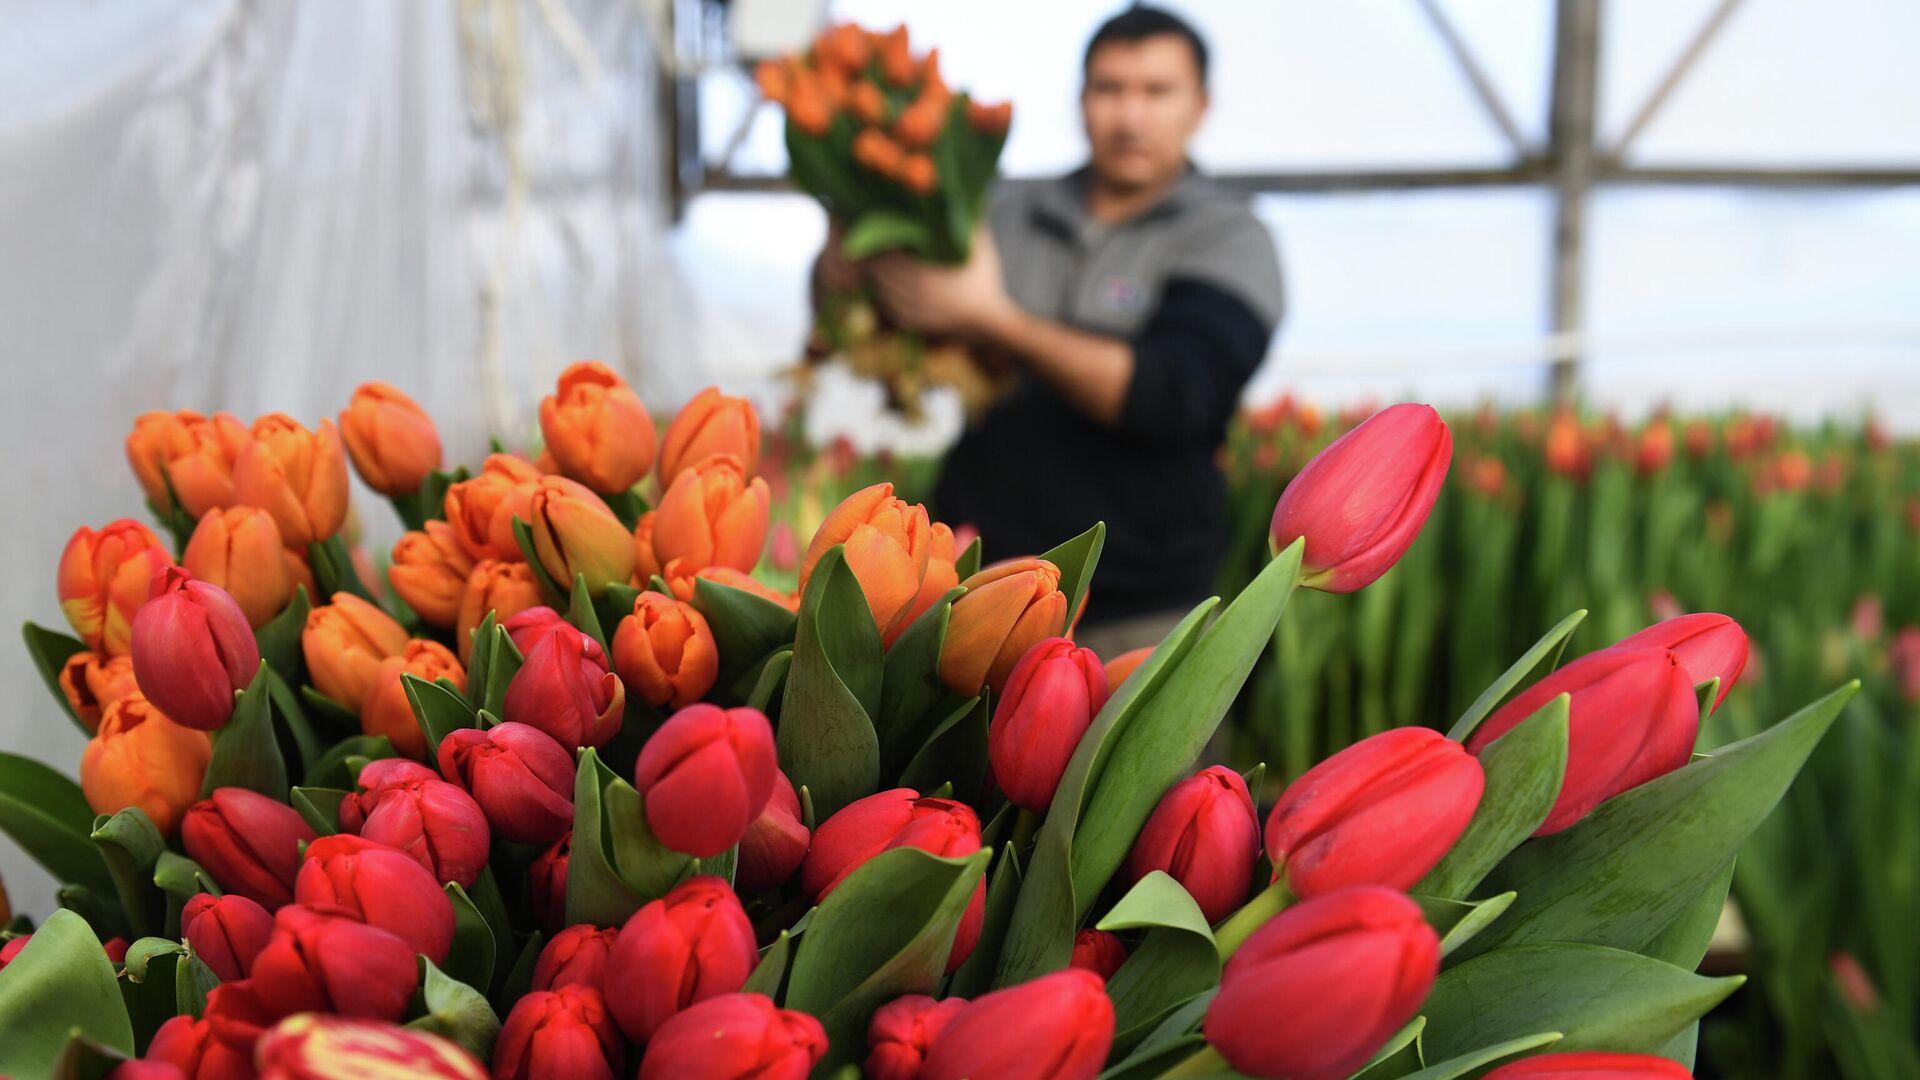 Сбор тюльпанов в преддверии праздника 8 Марта в тепличном хозяйстве фермера Александра Бурмантова в Новосибирске - РИА Новости, 1920, 08.03.2021